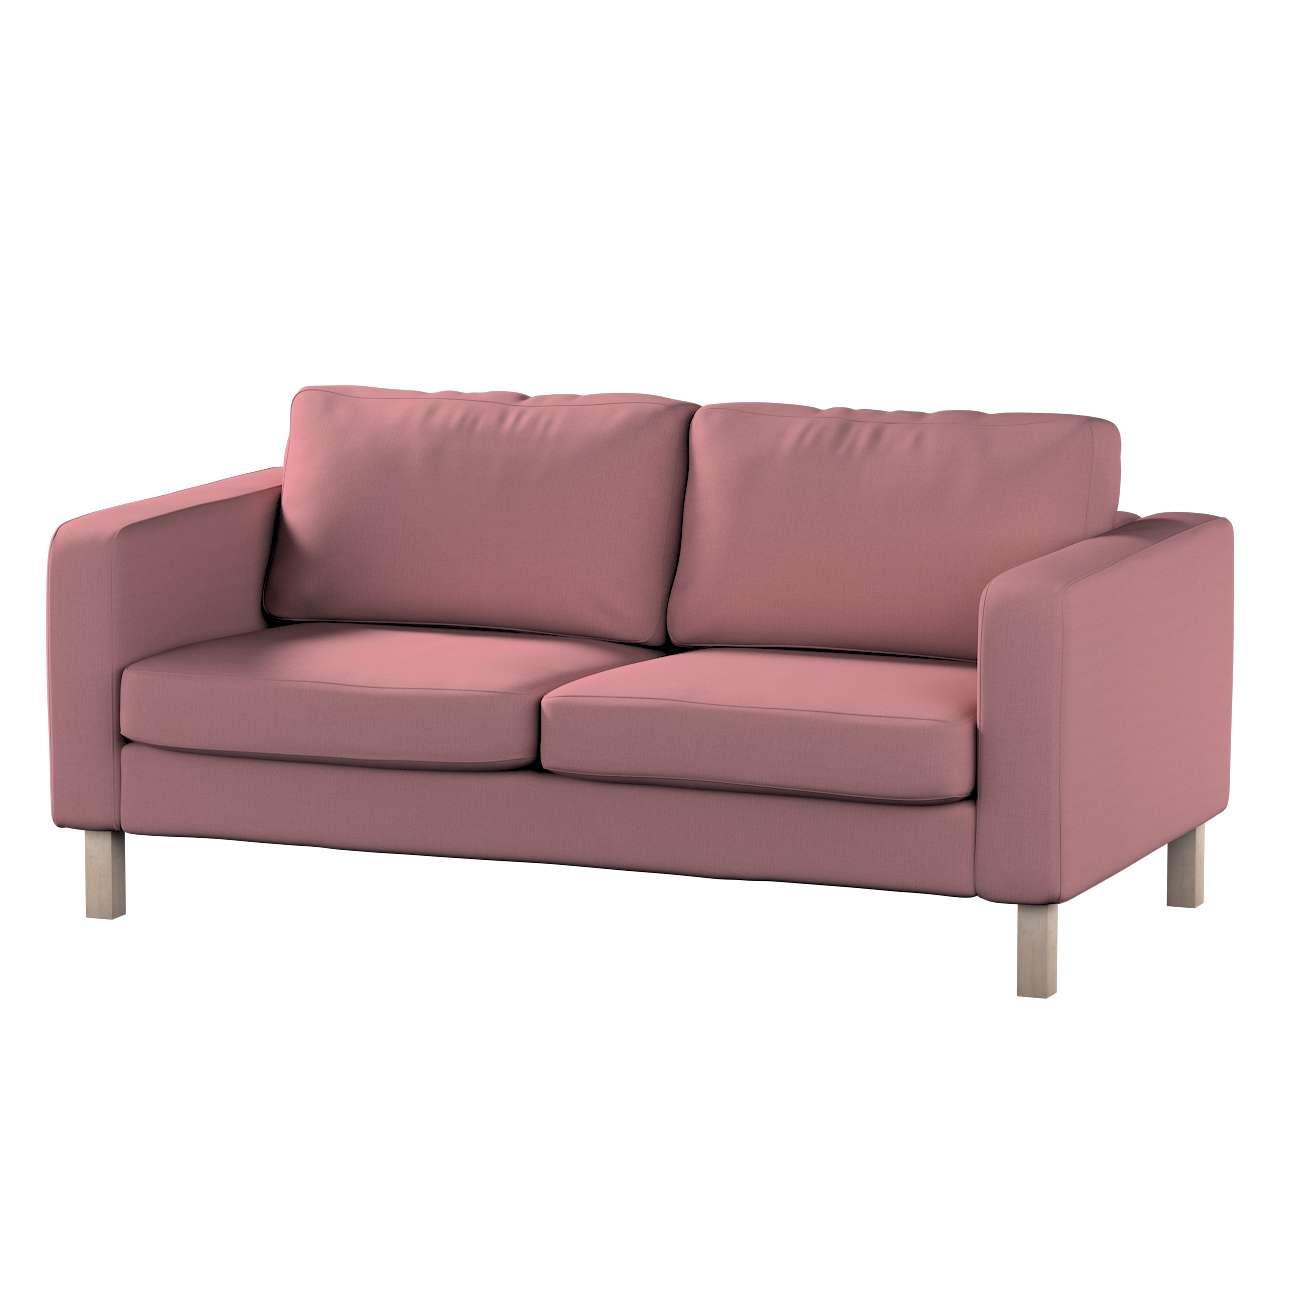 Pokrowiec na sofę Karlstad 2-osobową nierozkładaną krótki w kolekcji Cotton Panama, tkanina: 702-43